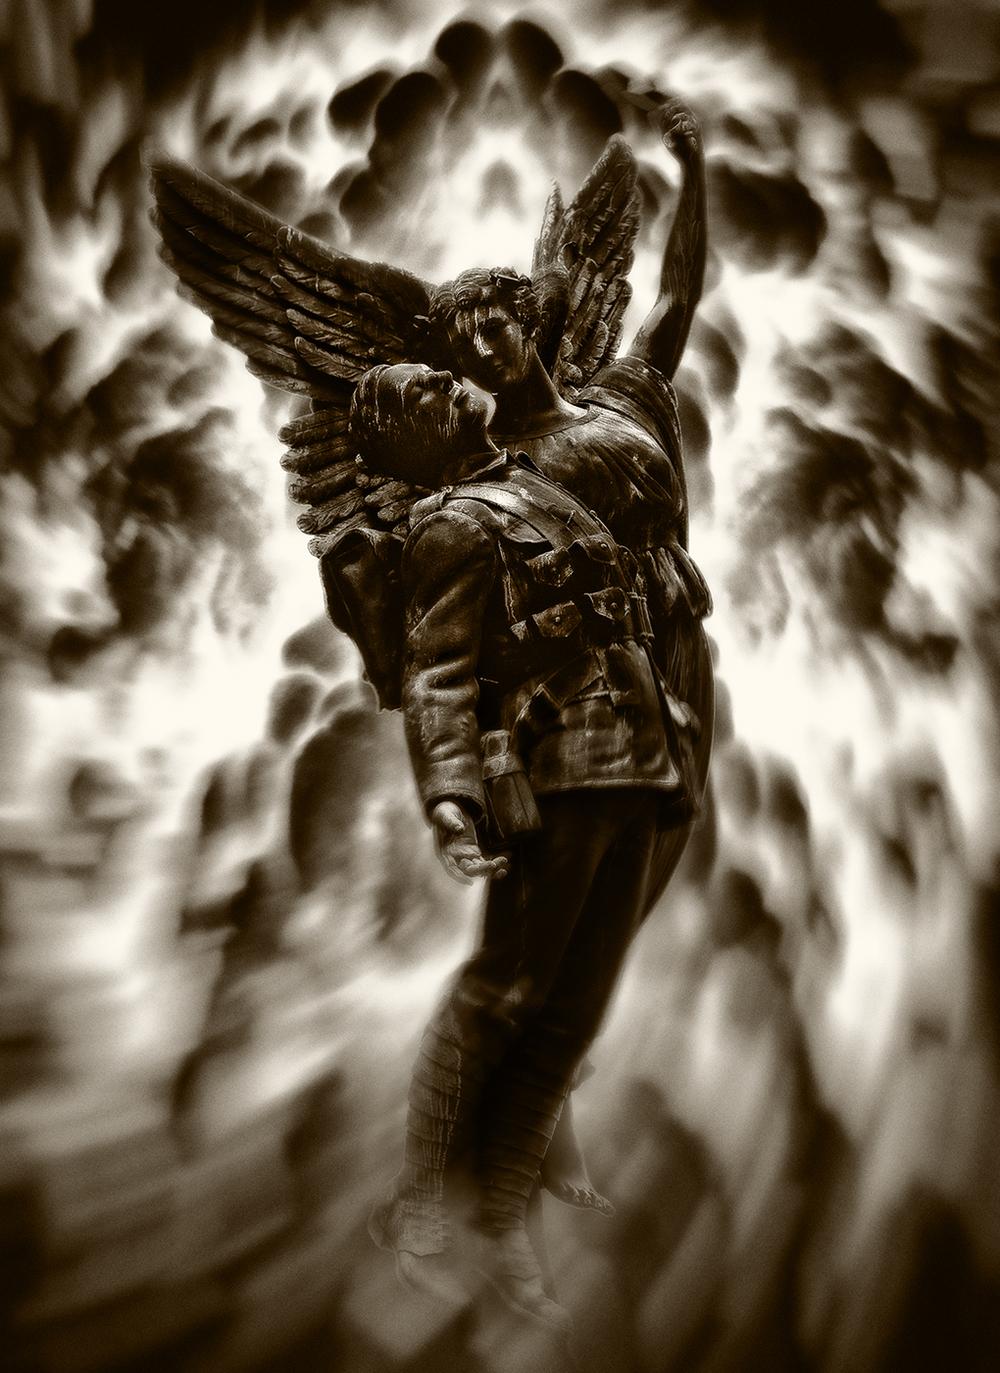 soldier+in+heaven.jpg